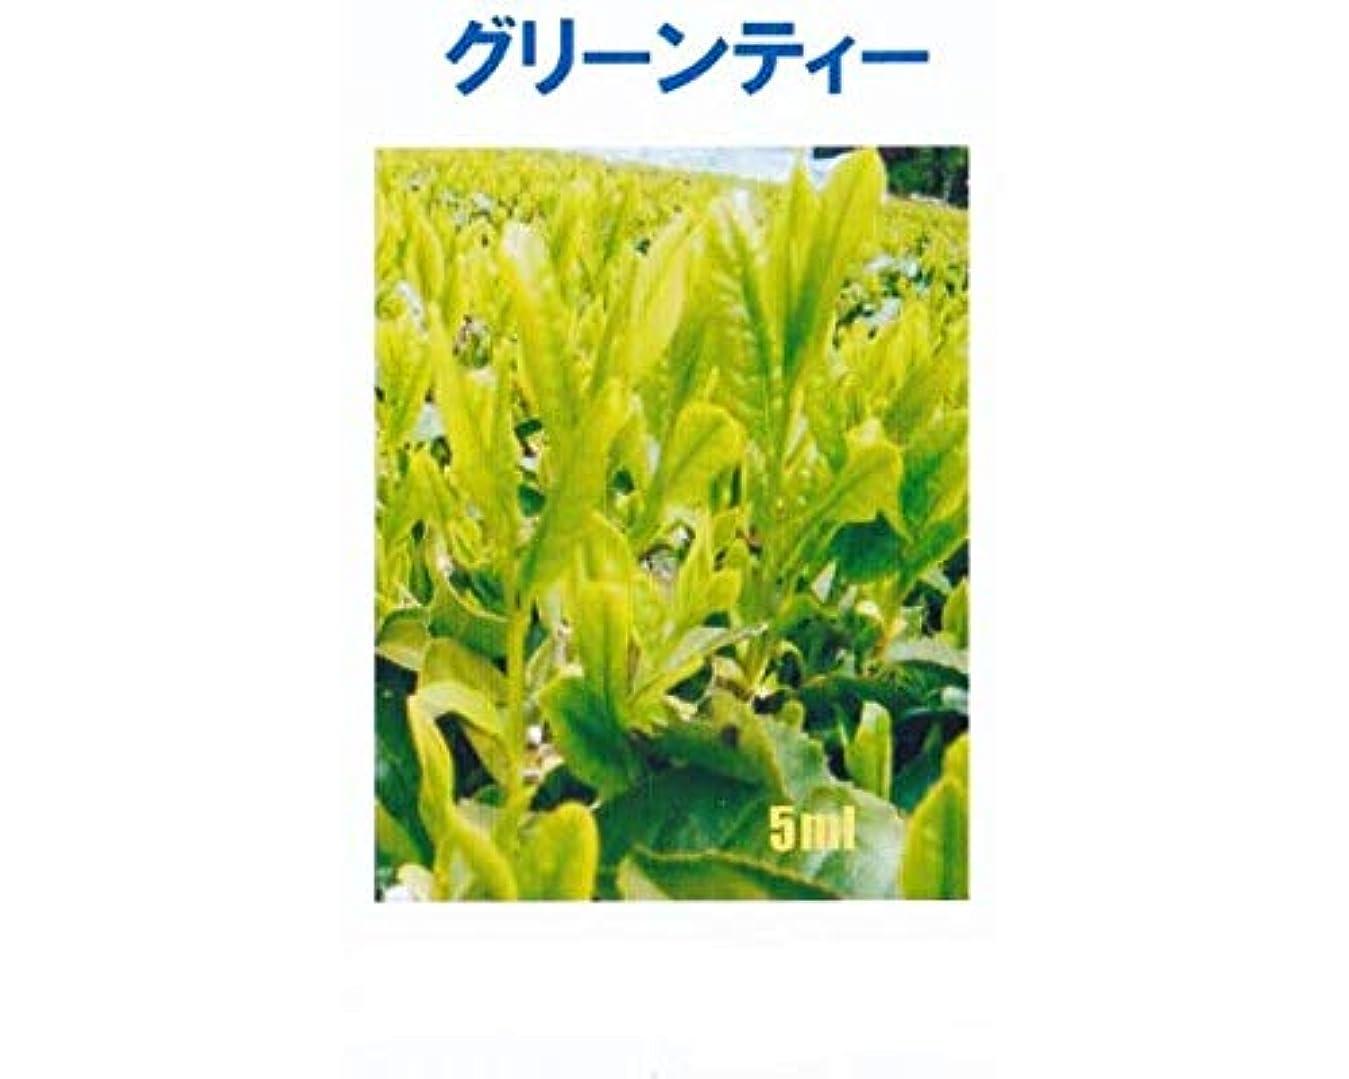 略す荒らす味わうアロマオイル グリーンティー 5ml エッセンシャルオイル 100%天然成分